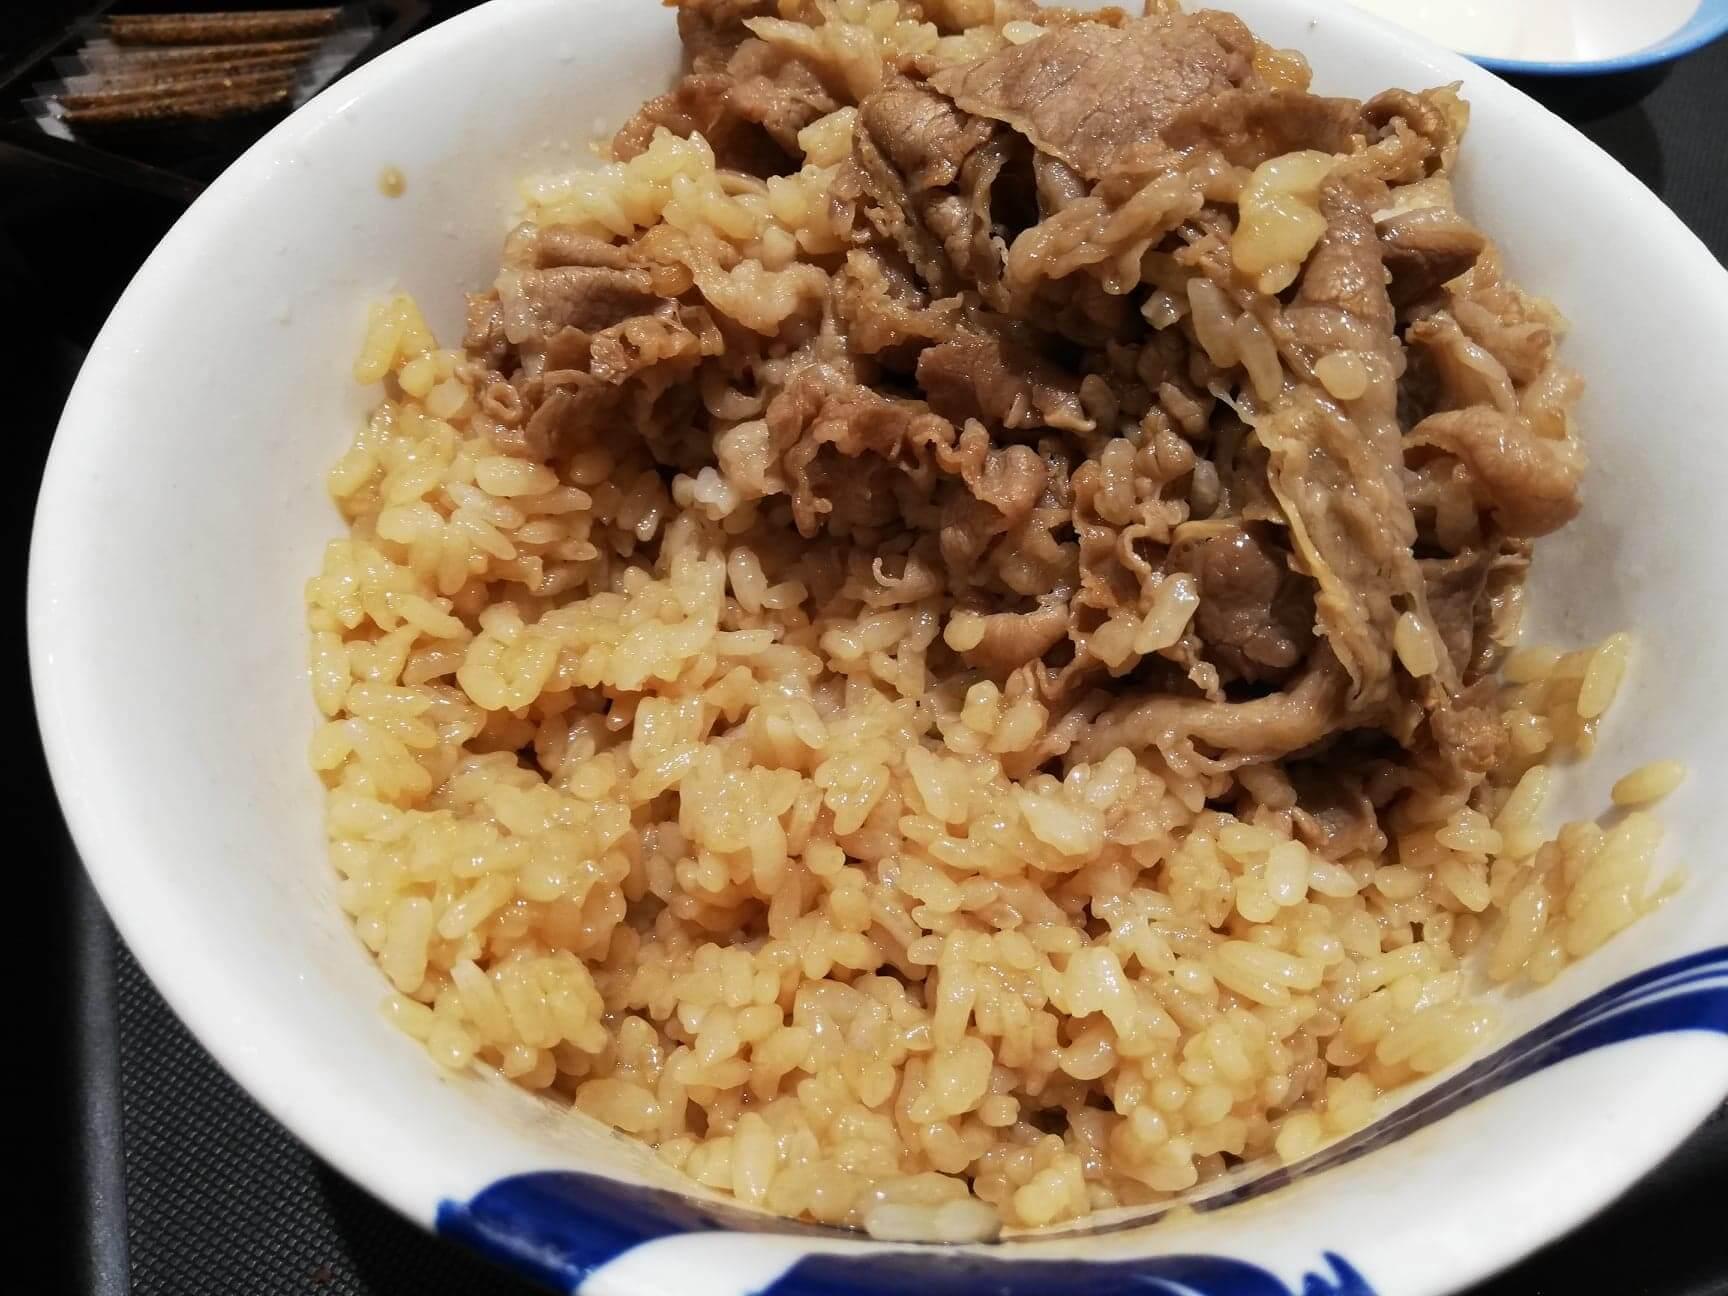 松屋の牛丼のライスのアップ画像